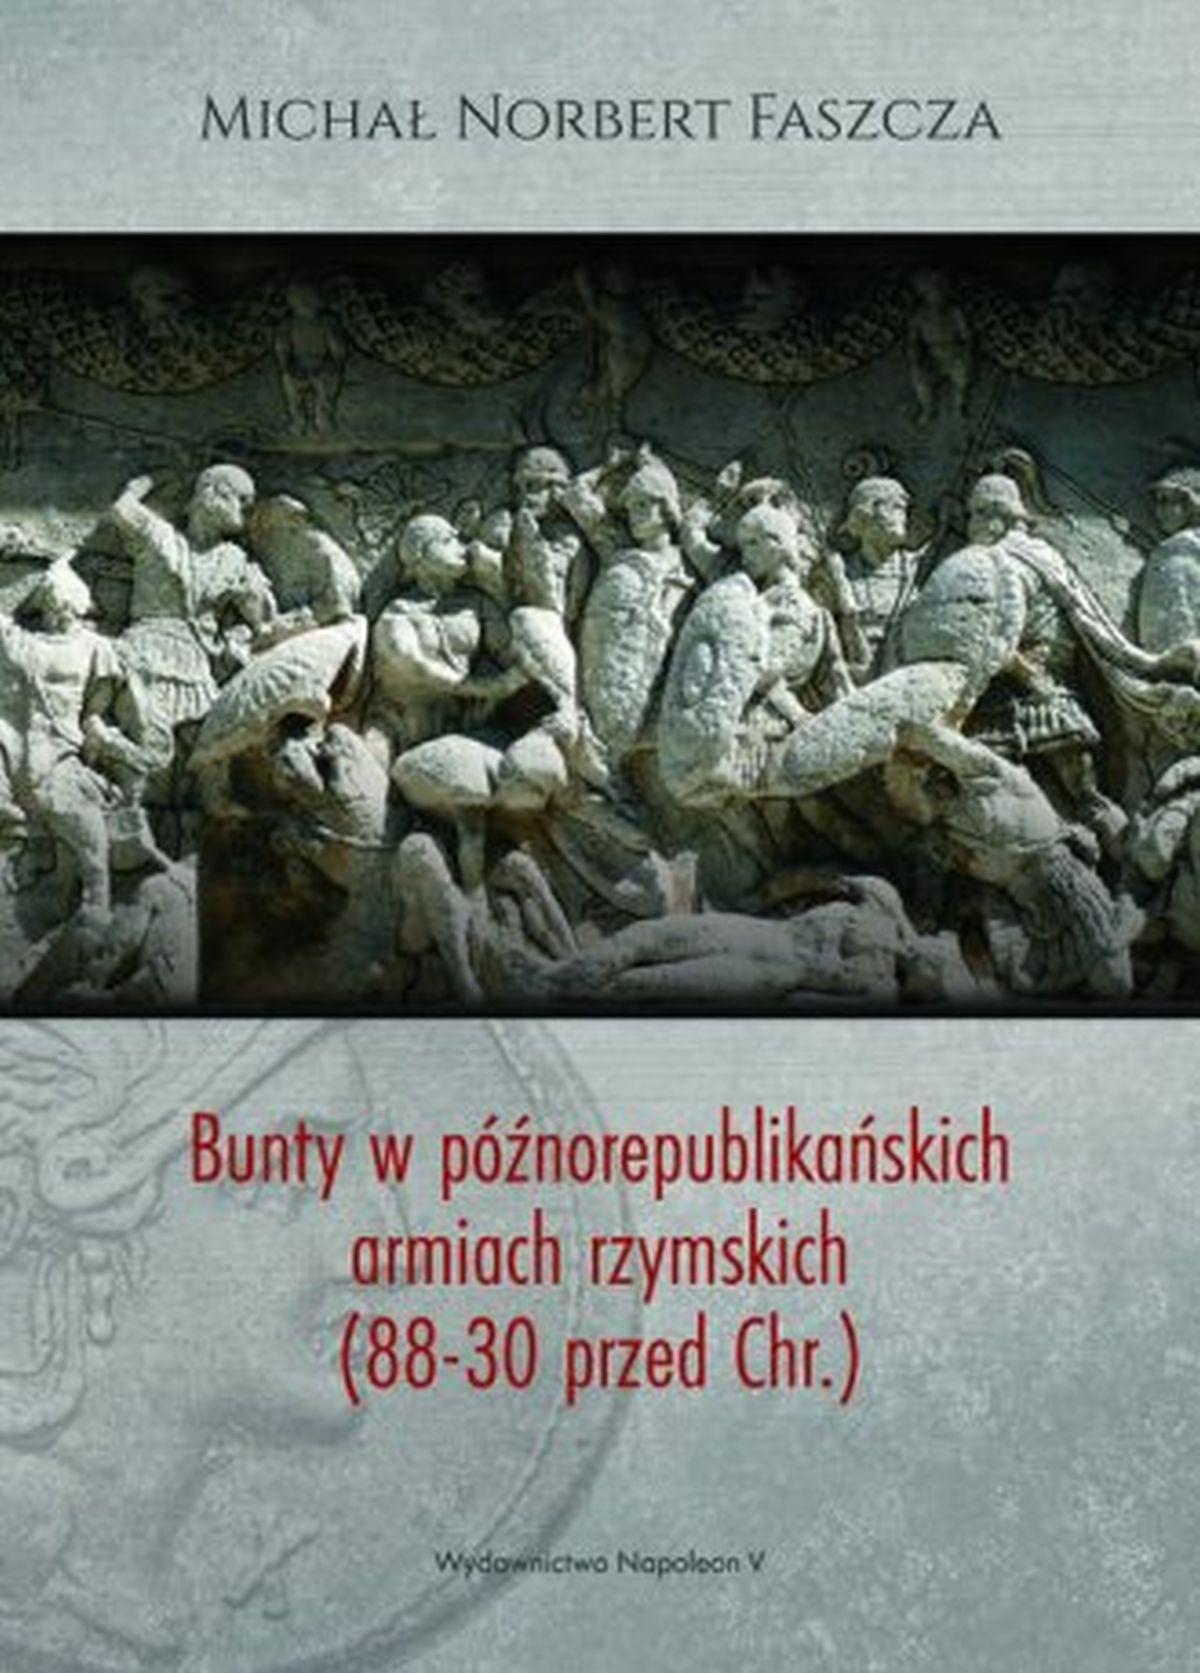 Michał N. Faszcza, Bunty w późnorepublikańskich armiach rzymskich (88-30 przed Chr.)